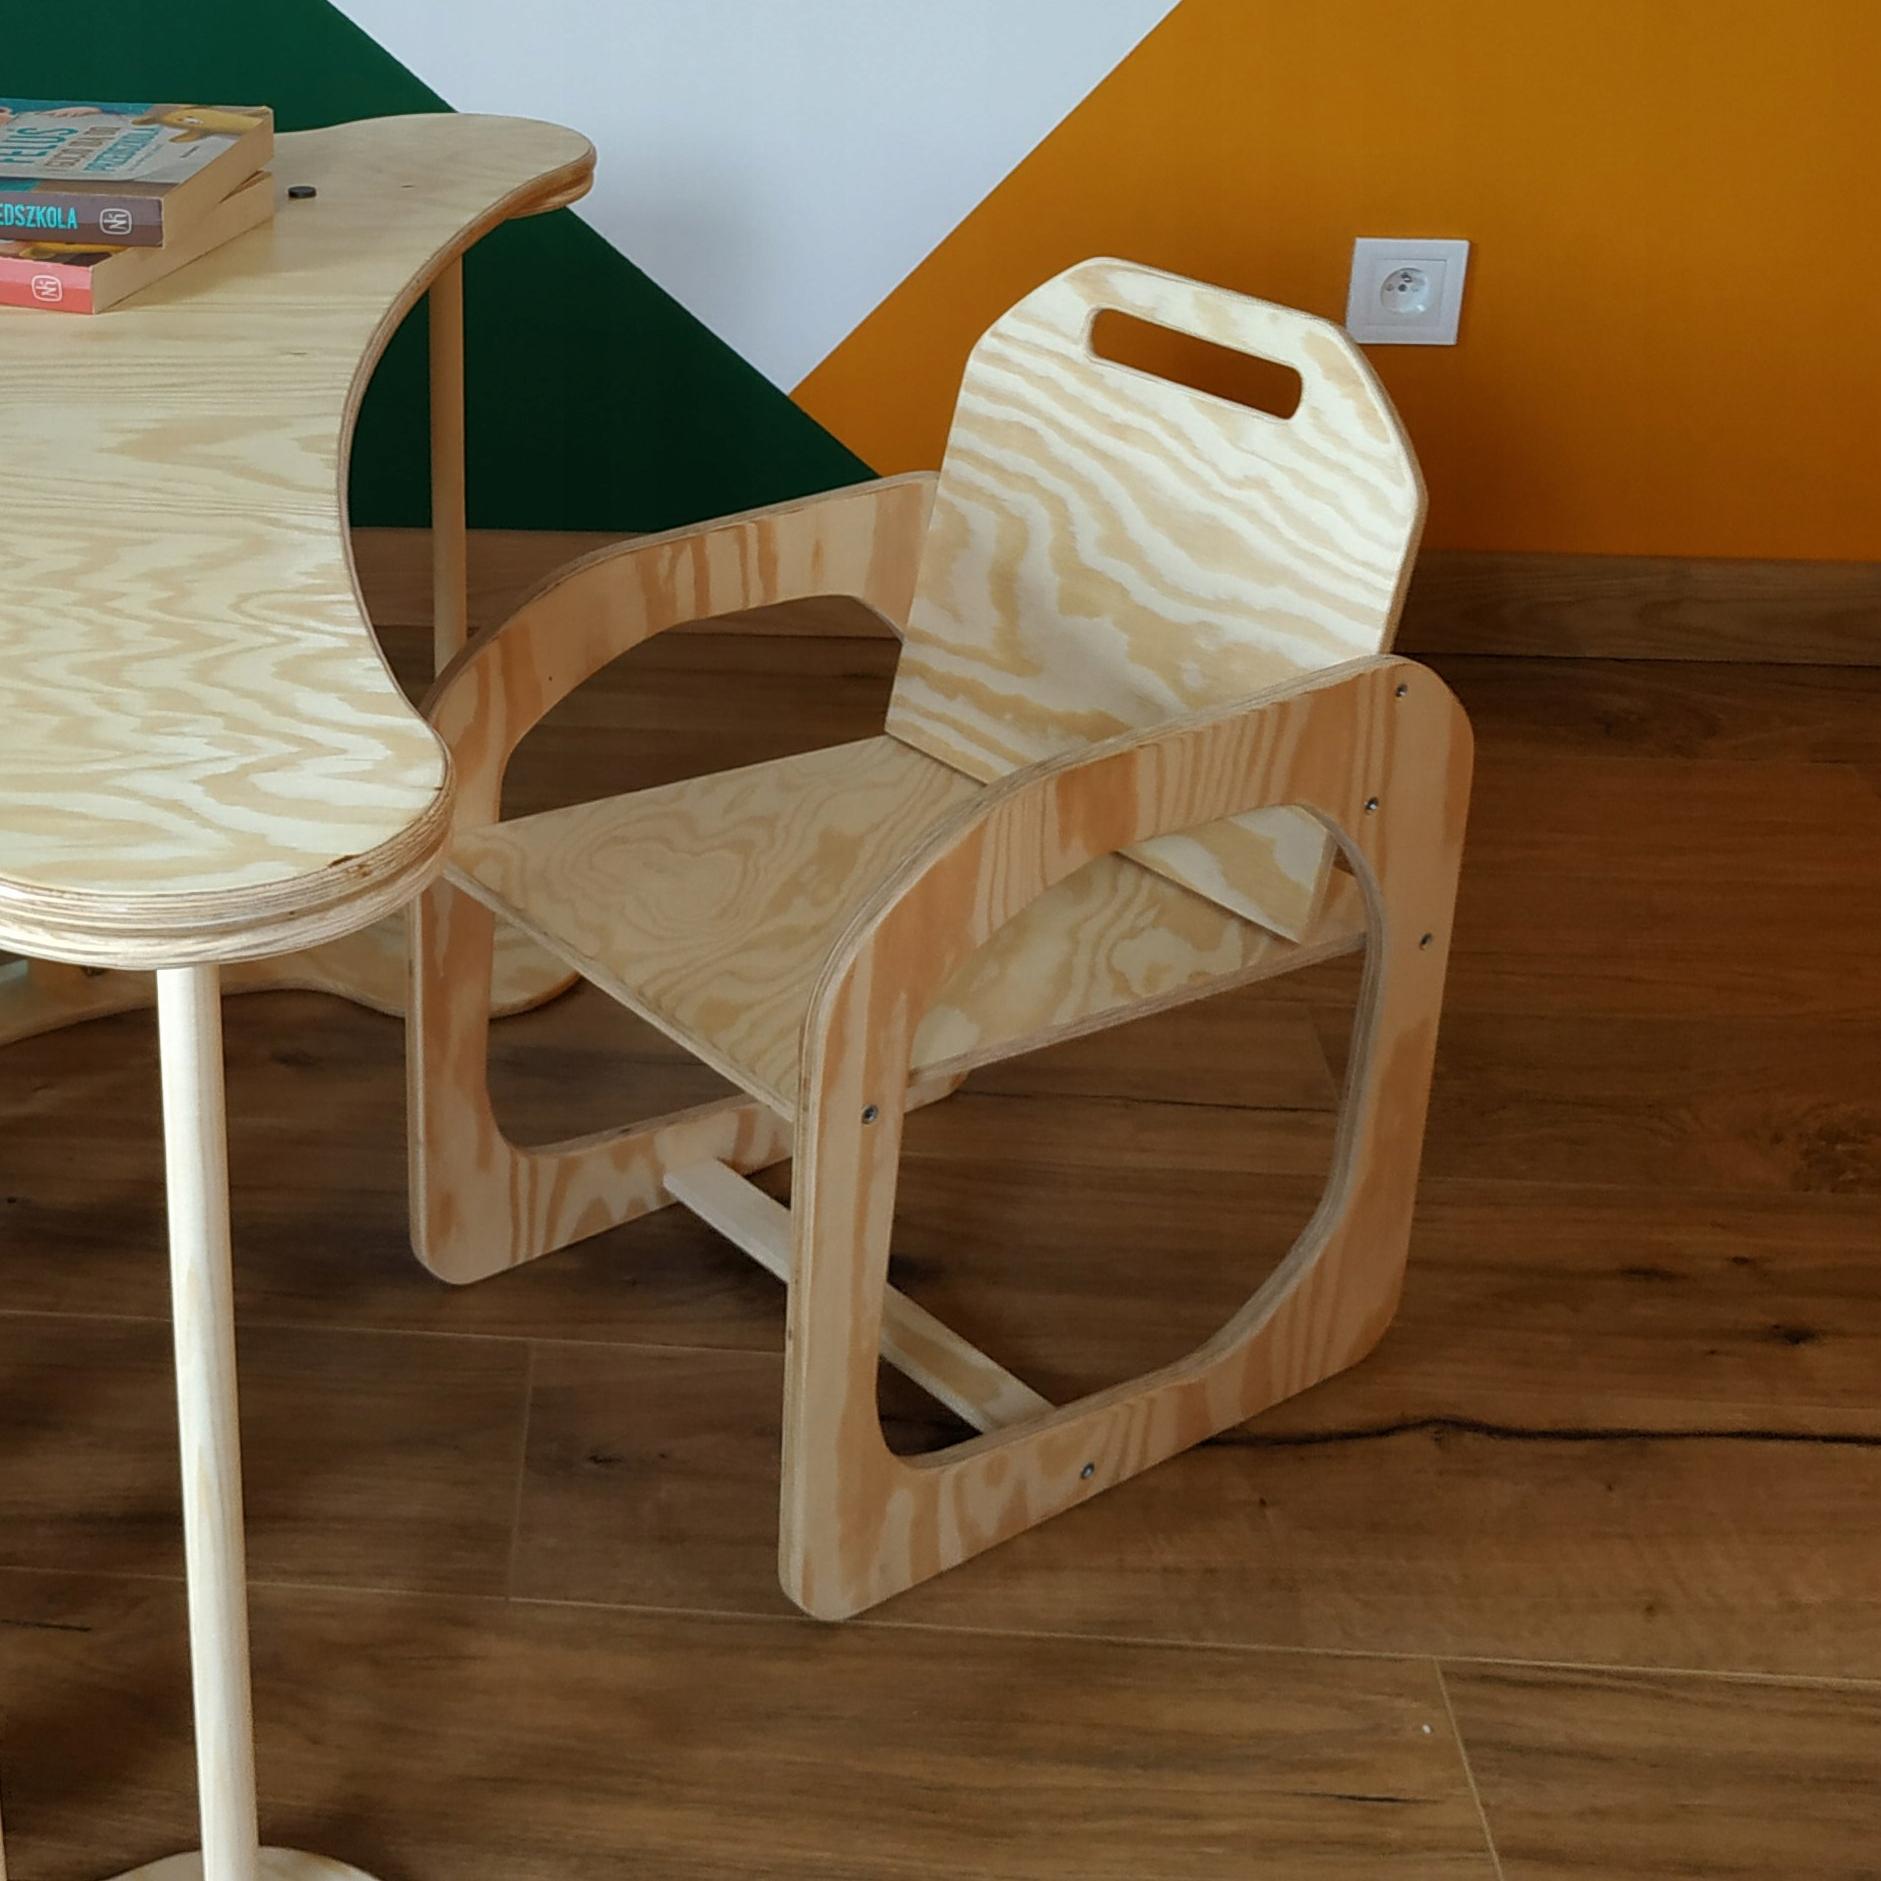 Необработанный деревянный стул - аксессуар для рокера